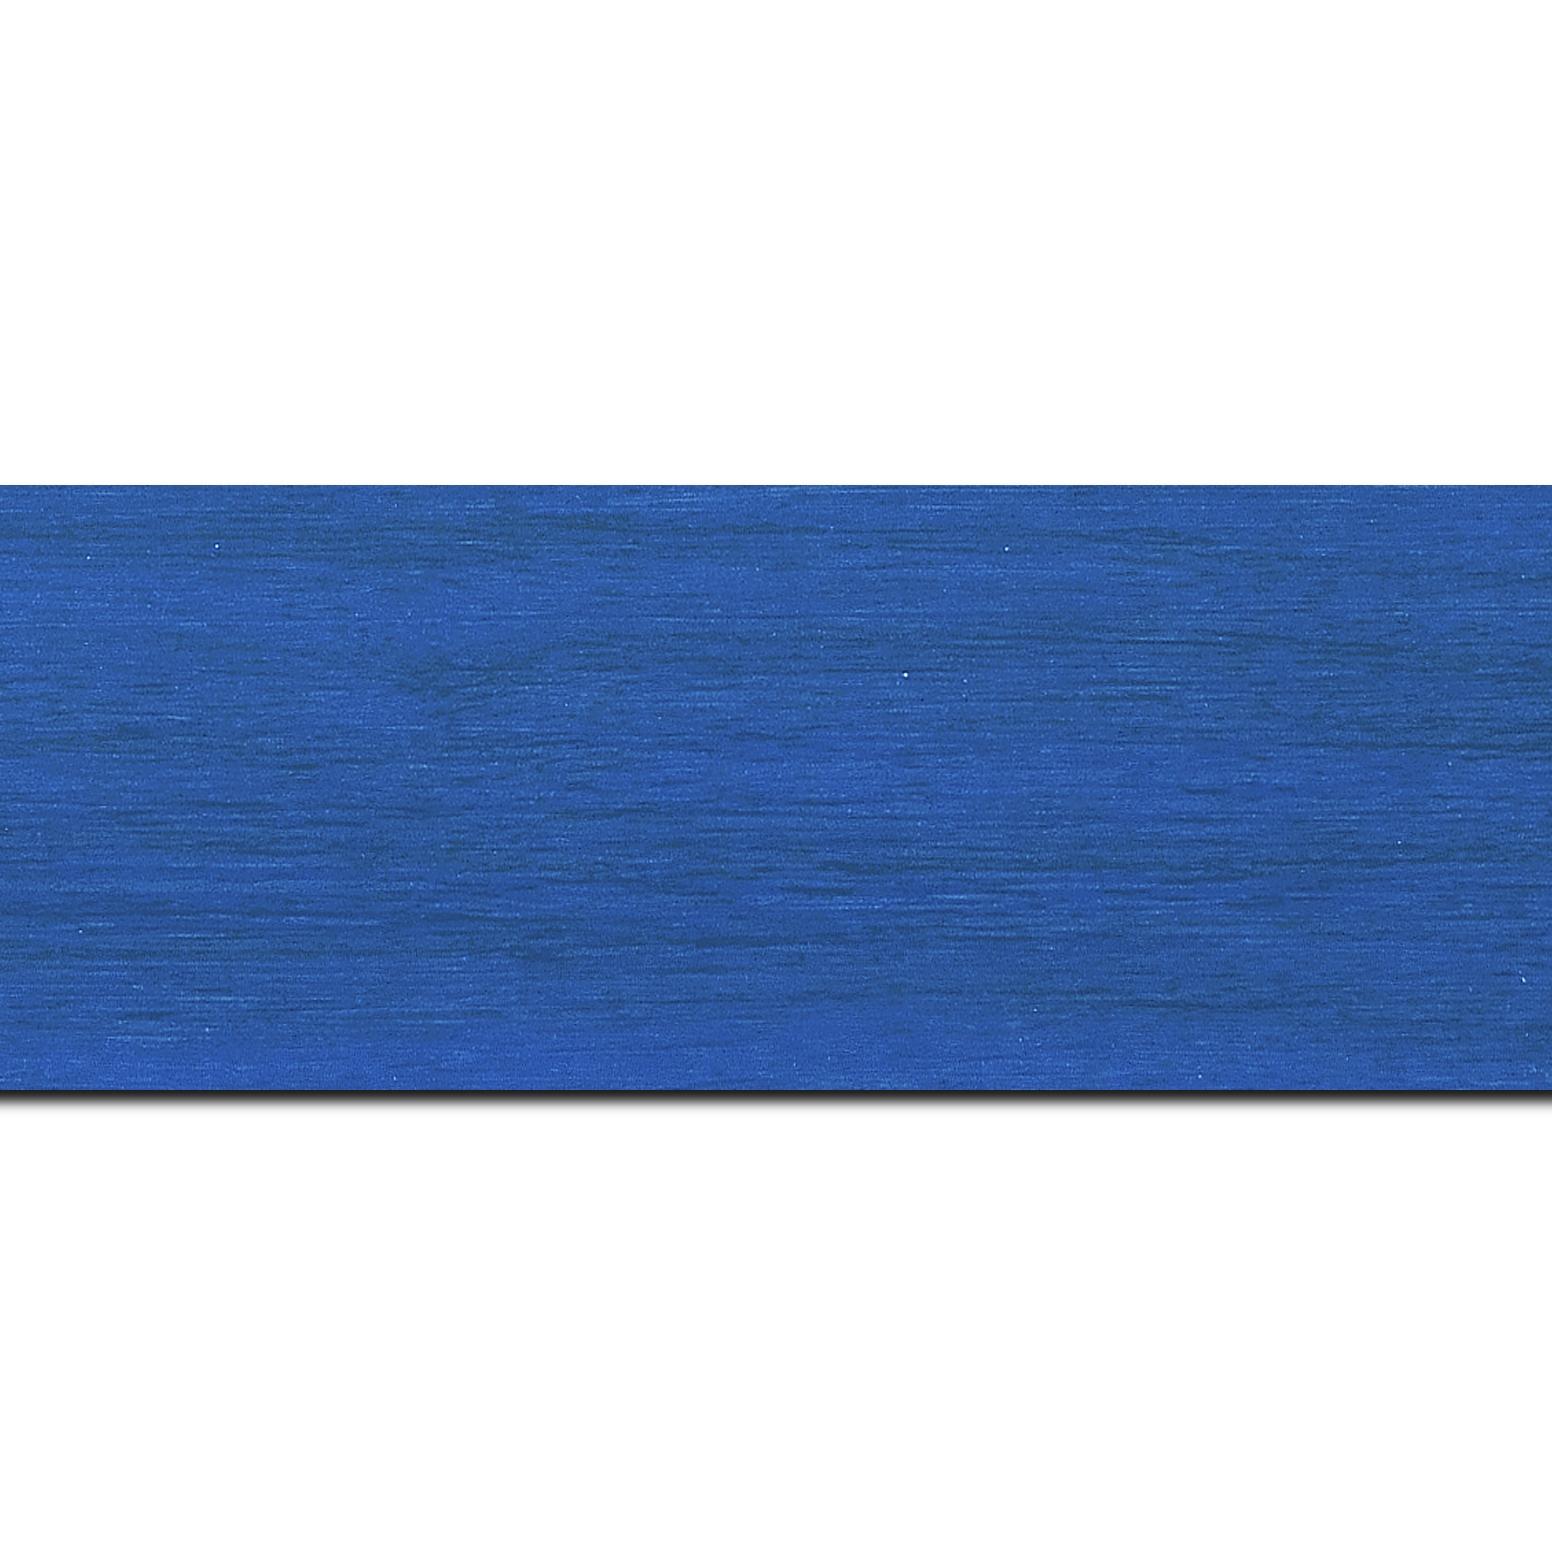 Baguette longueur 1.40m bois profil plat largeur 6cm bleu roi satiné effet veiné ,chant extérieur du cadre de couleur noire